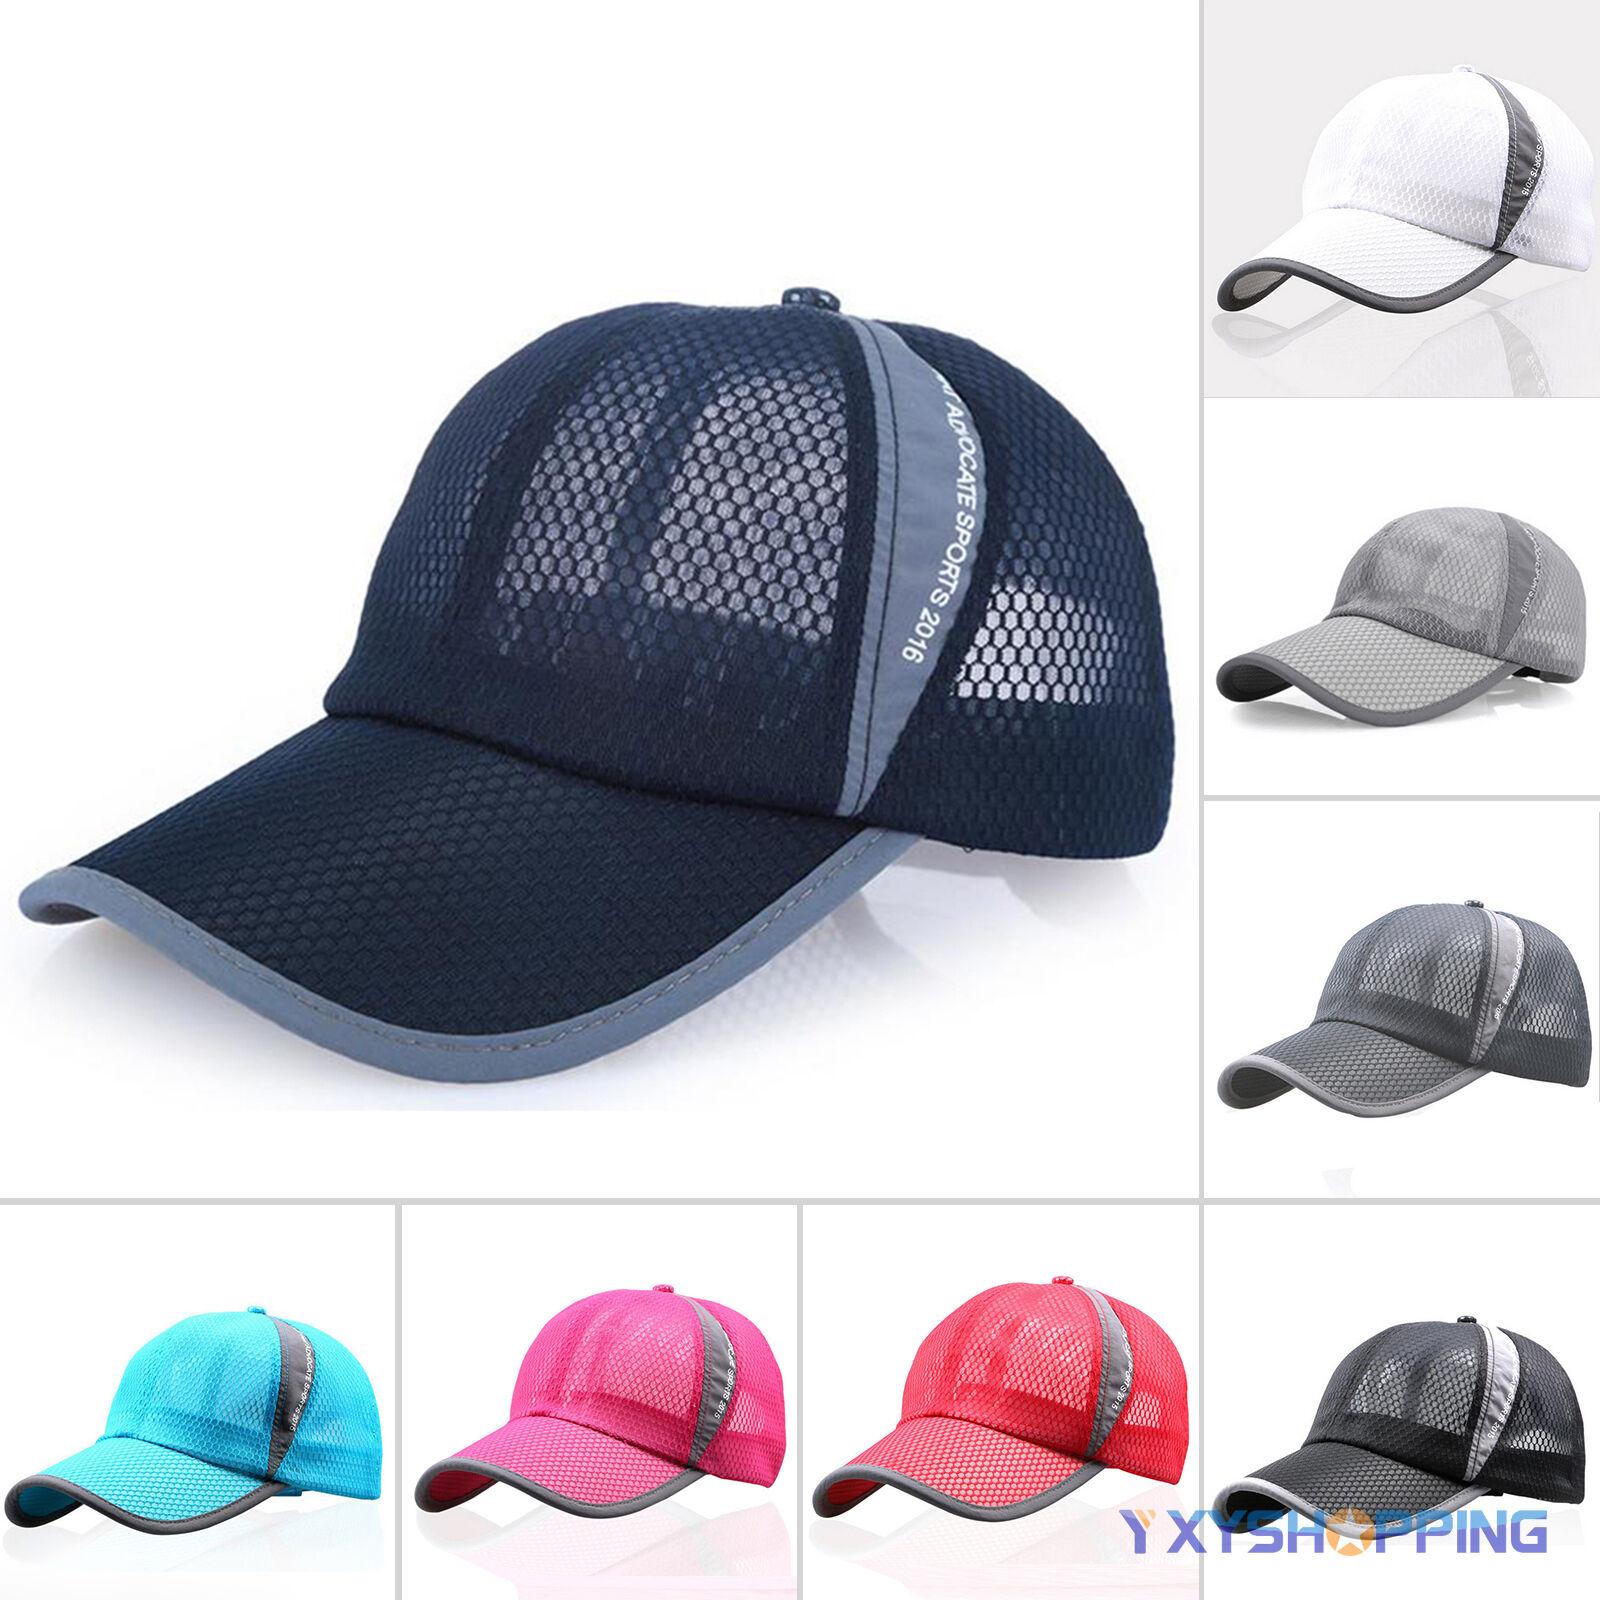 Dame Herre Mesh Baseball Cap Kappe Sommer Truckercap Sport Atmungsaktiv Hüte Hut